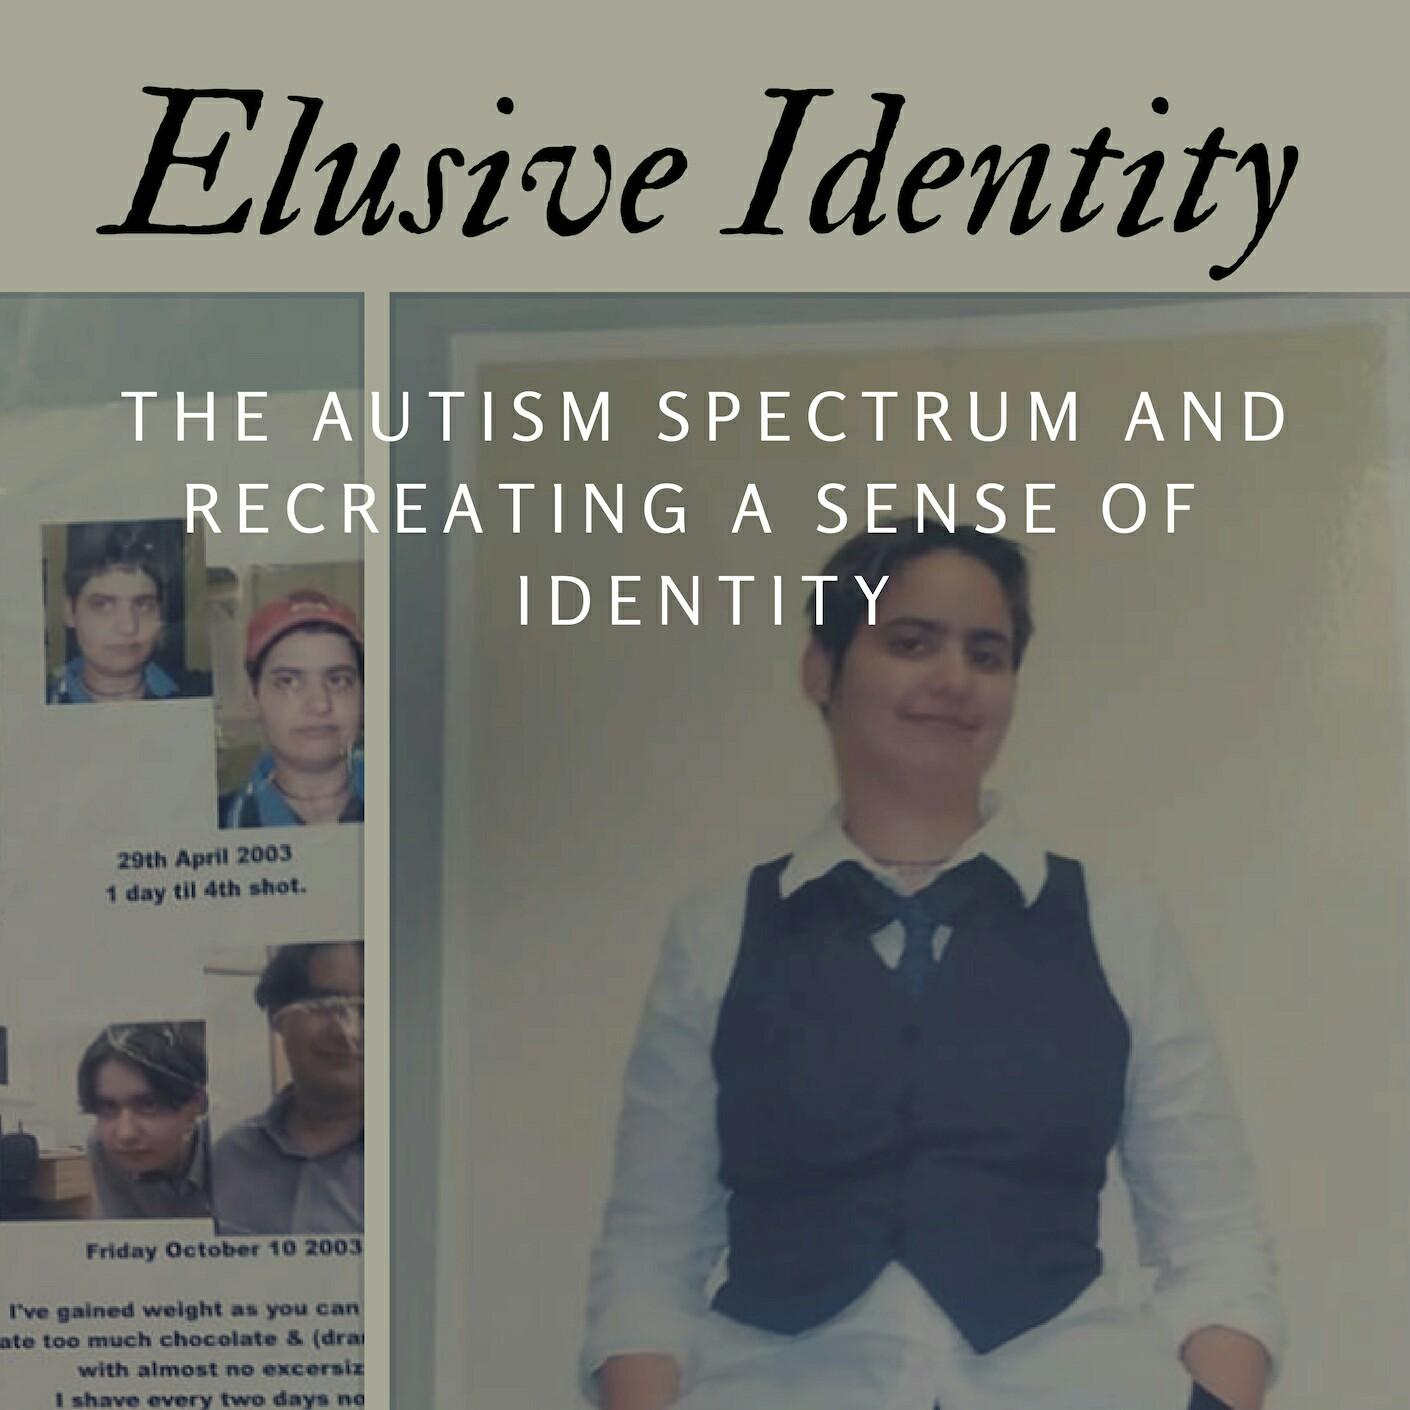 Chapters 1 & 2: Recreating Myself & Elusive Identity (Elusive Identity)